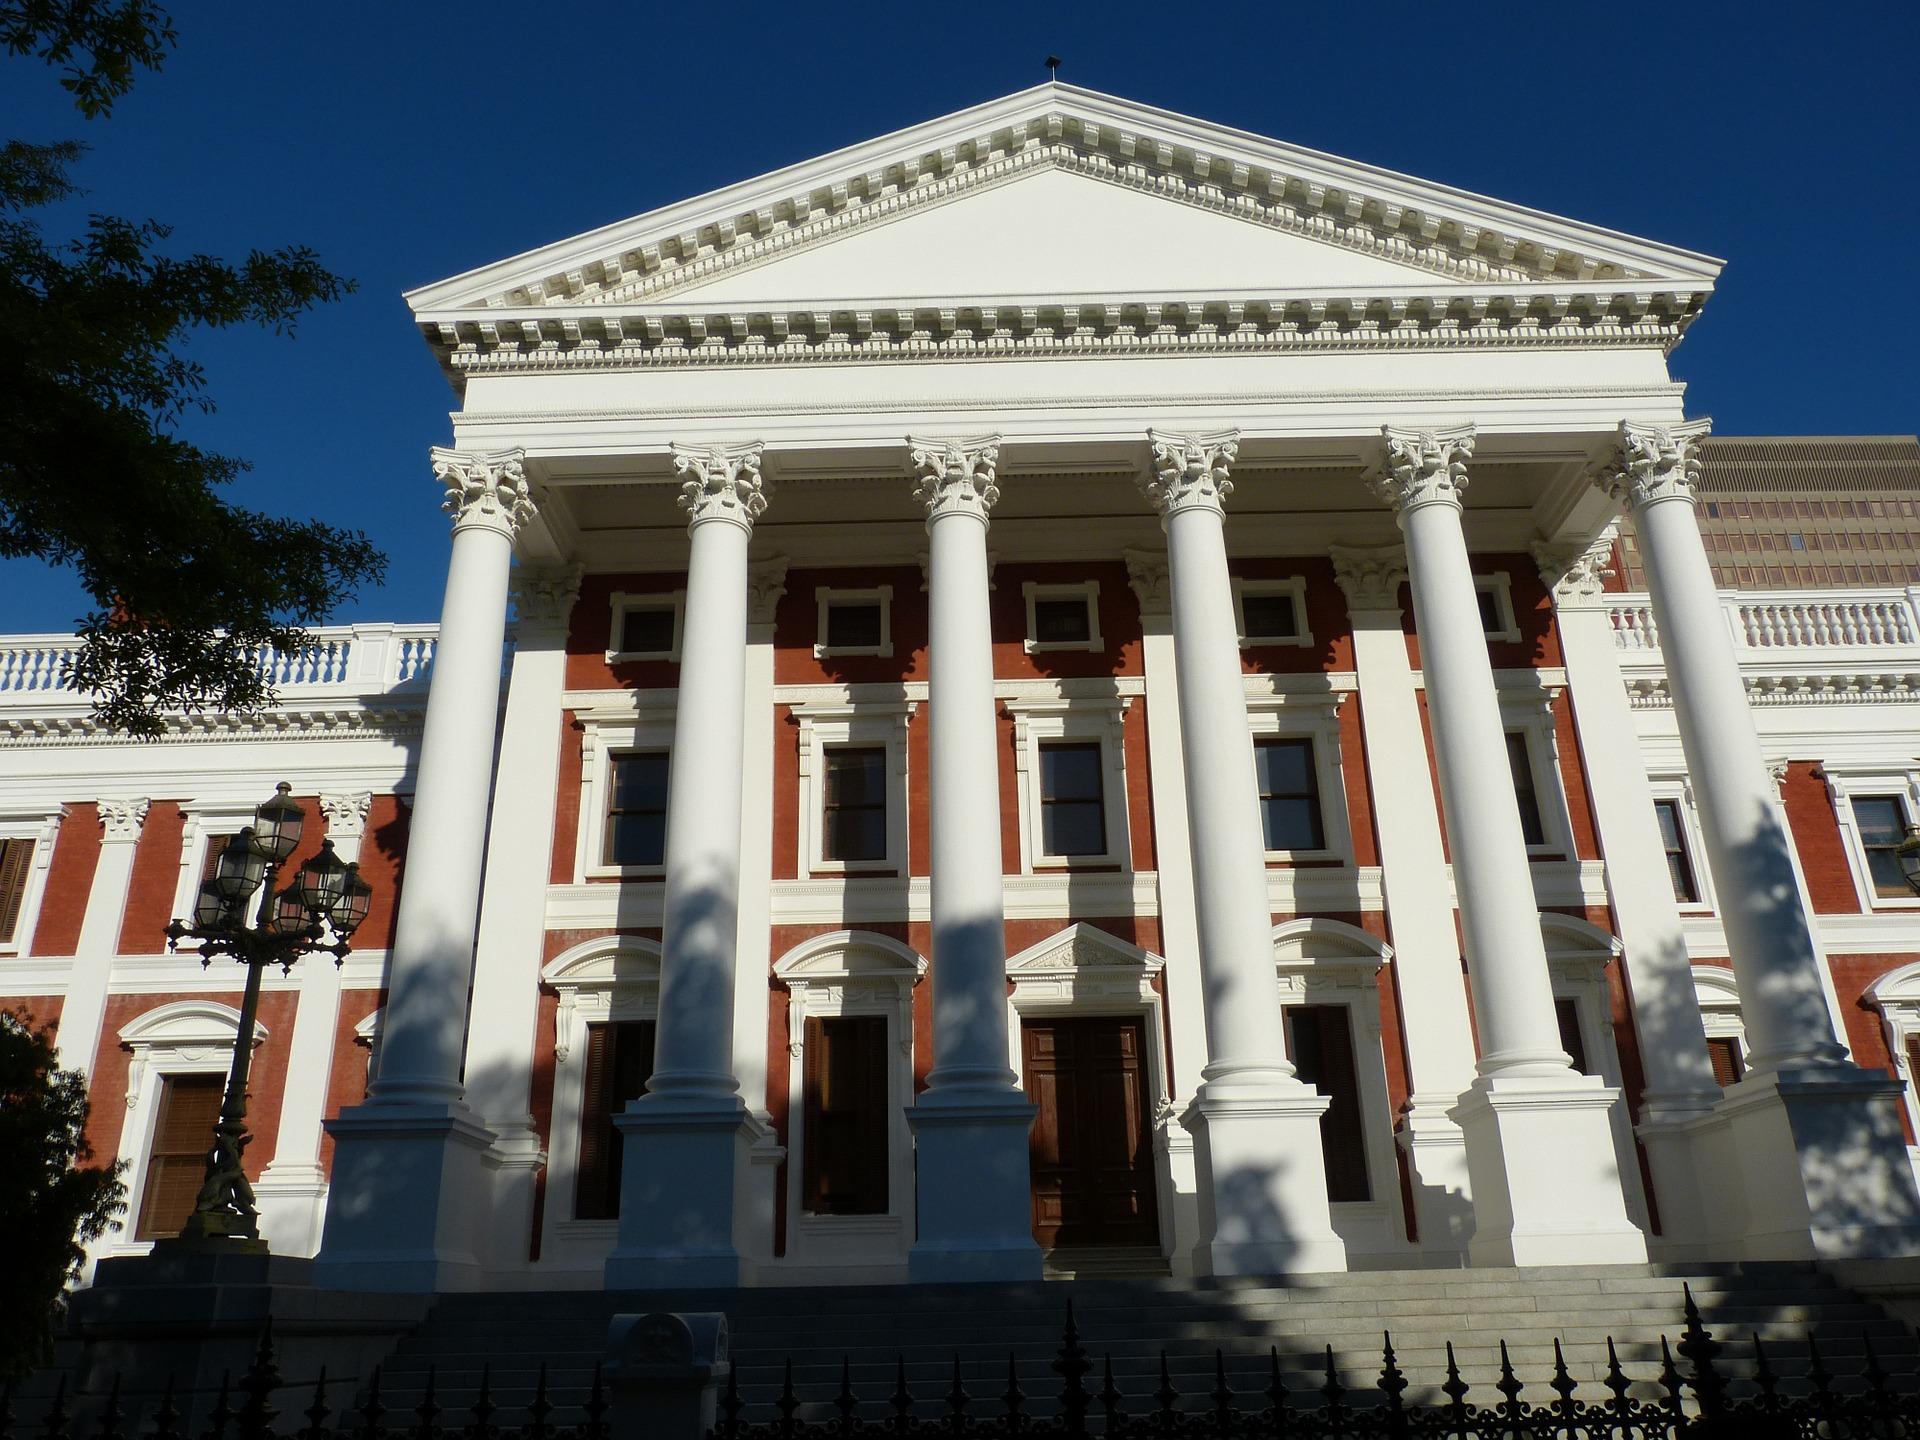 Pixabay – Cape Town Parliament